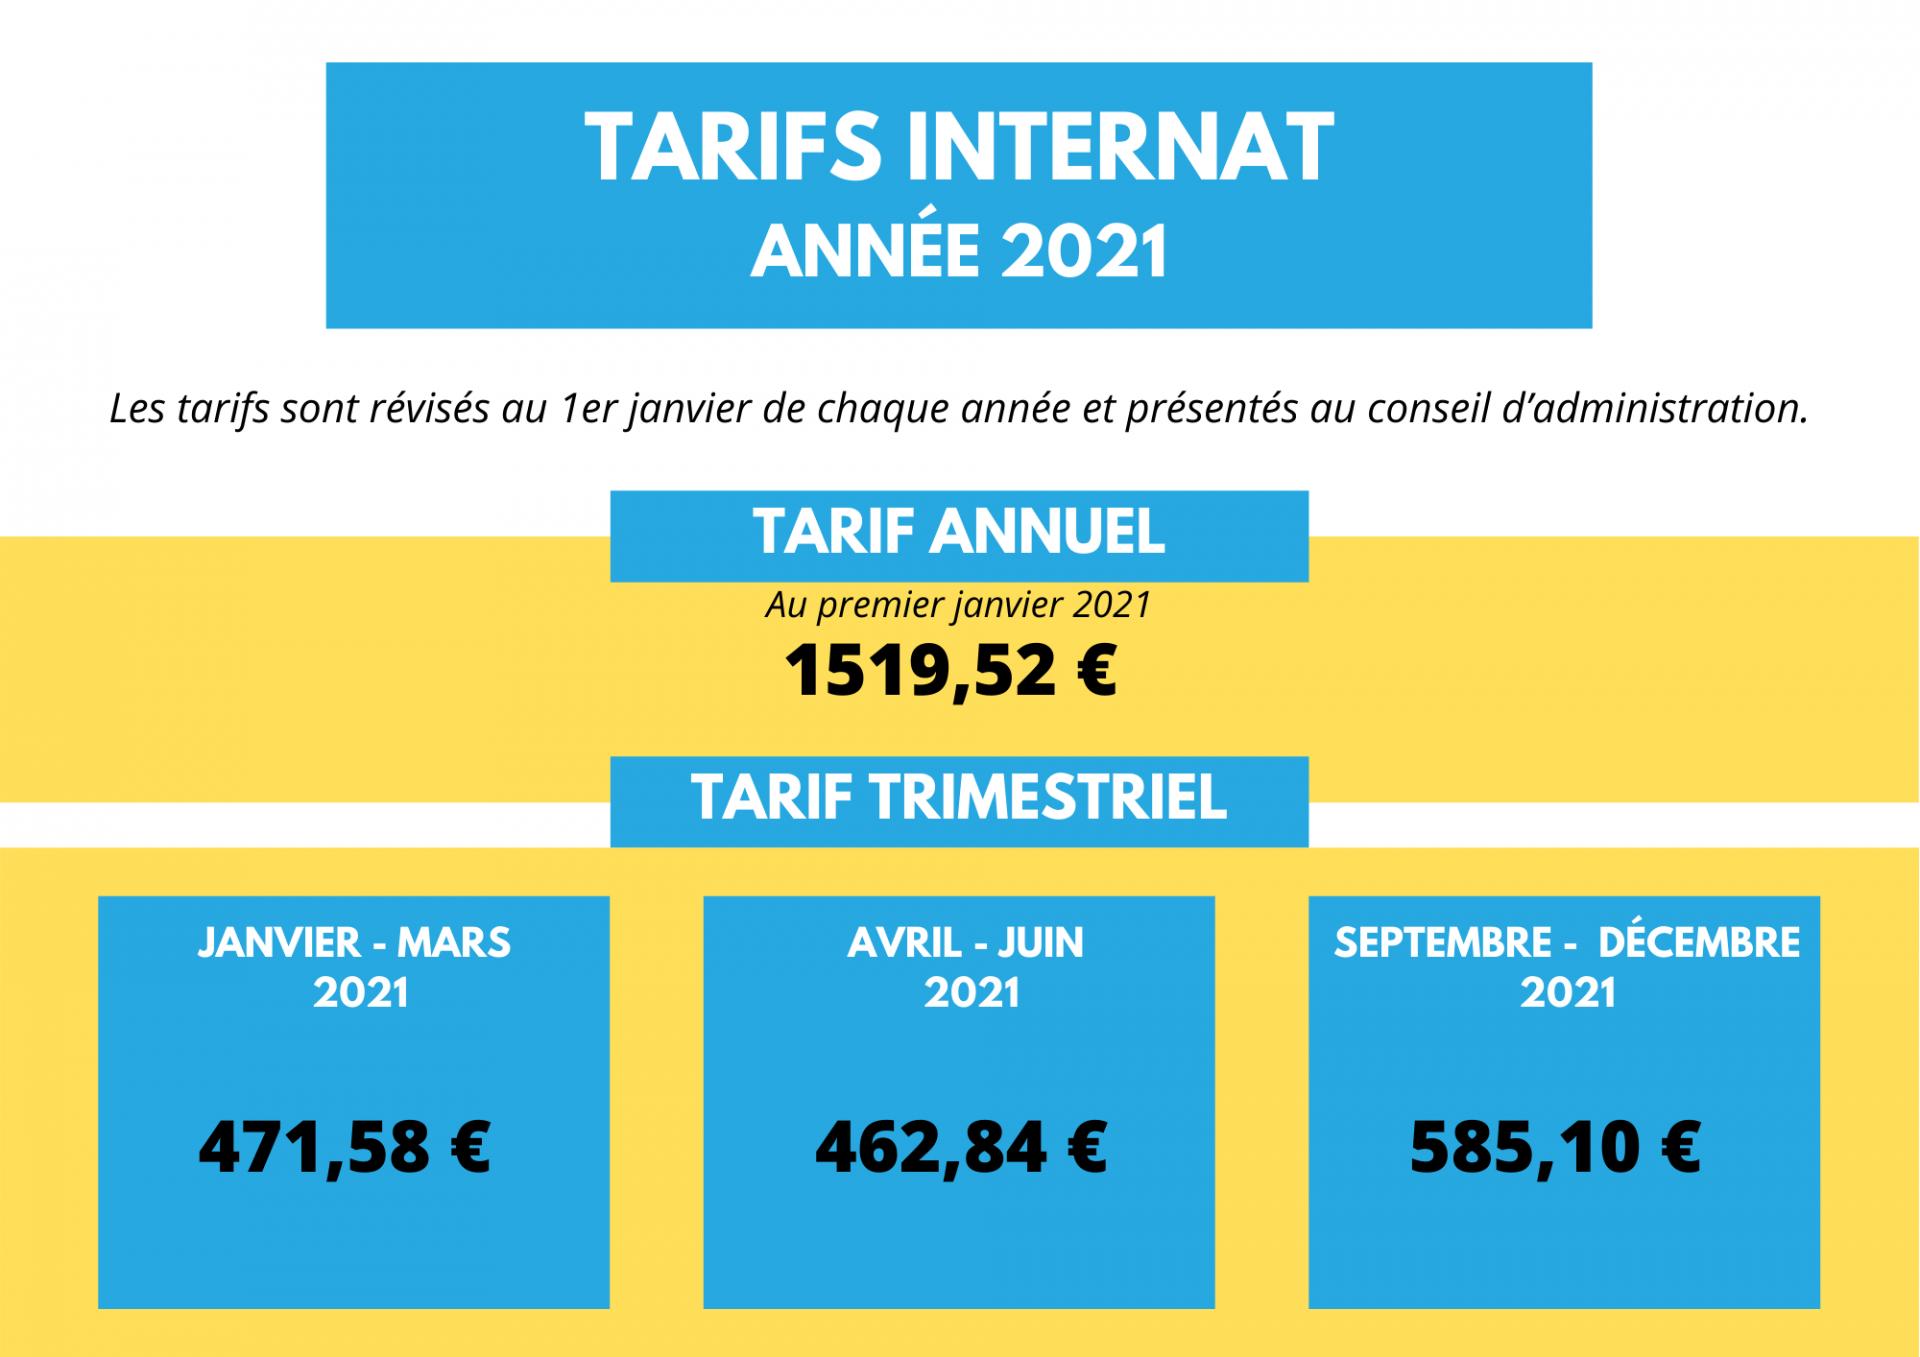 Tarif internat 2021